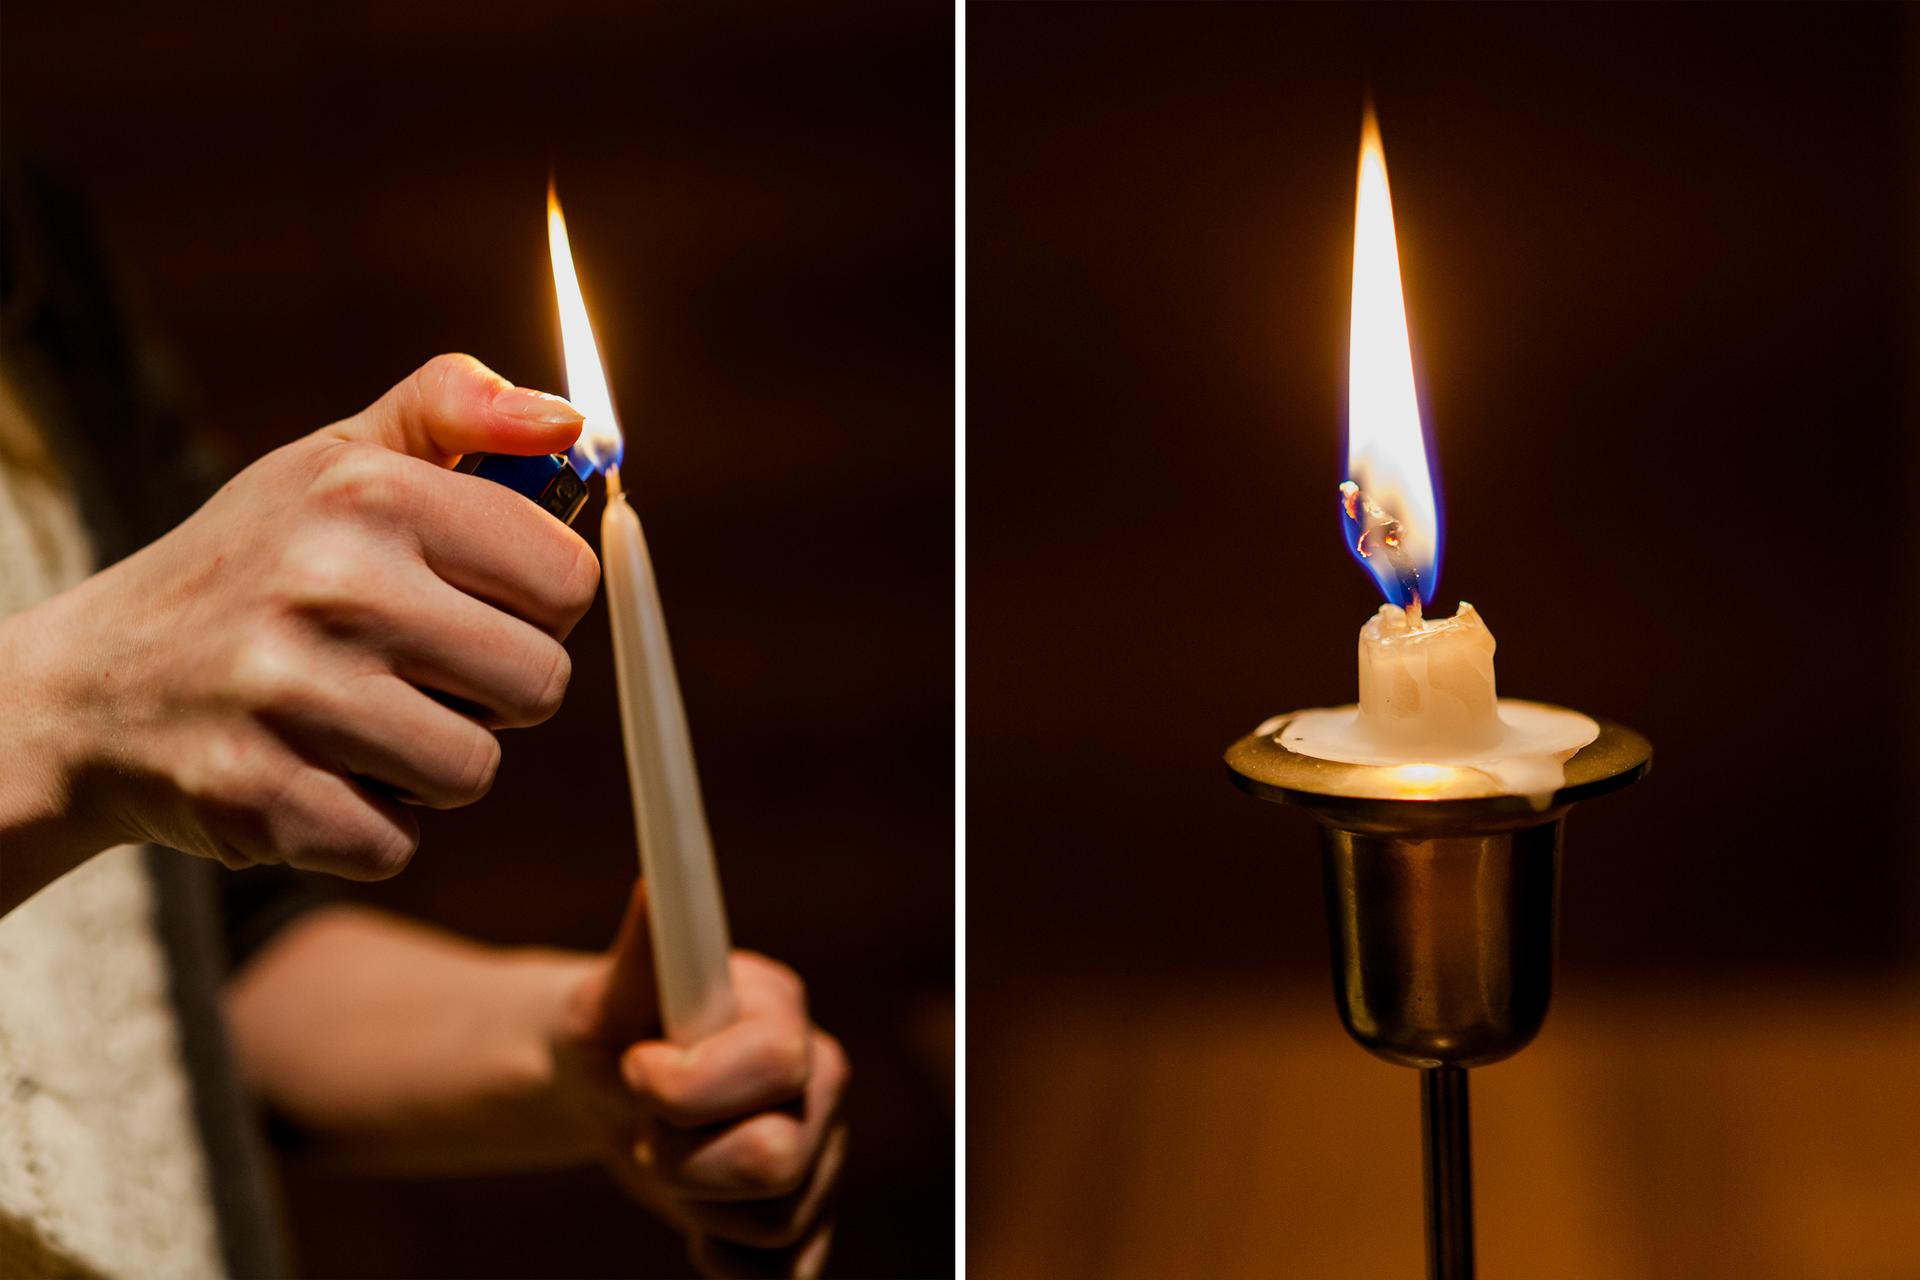 Ilustracja prezentuje dwa zdjęcia umieszczone obok siebie. Na zdjęciu zlewej strony dłoń zapala świecę zapalniczką. Na zdjęciu zprawej strony ogarek tej samej świecy dopala się na świeczniku.